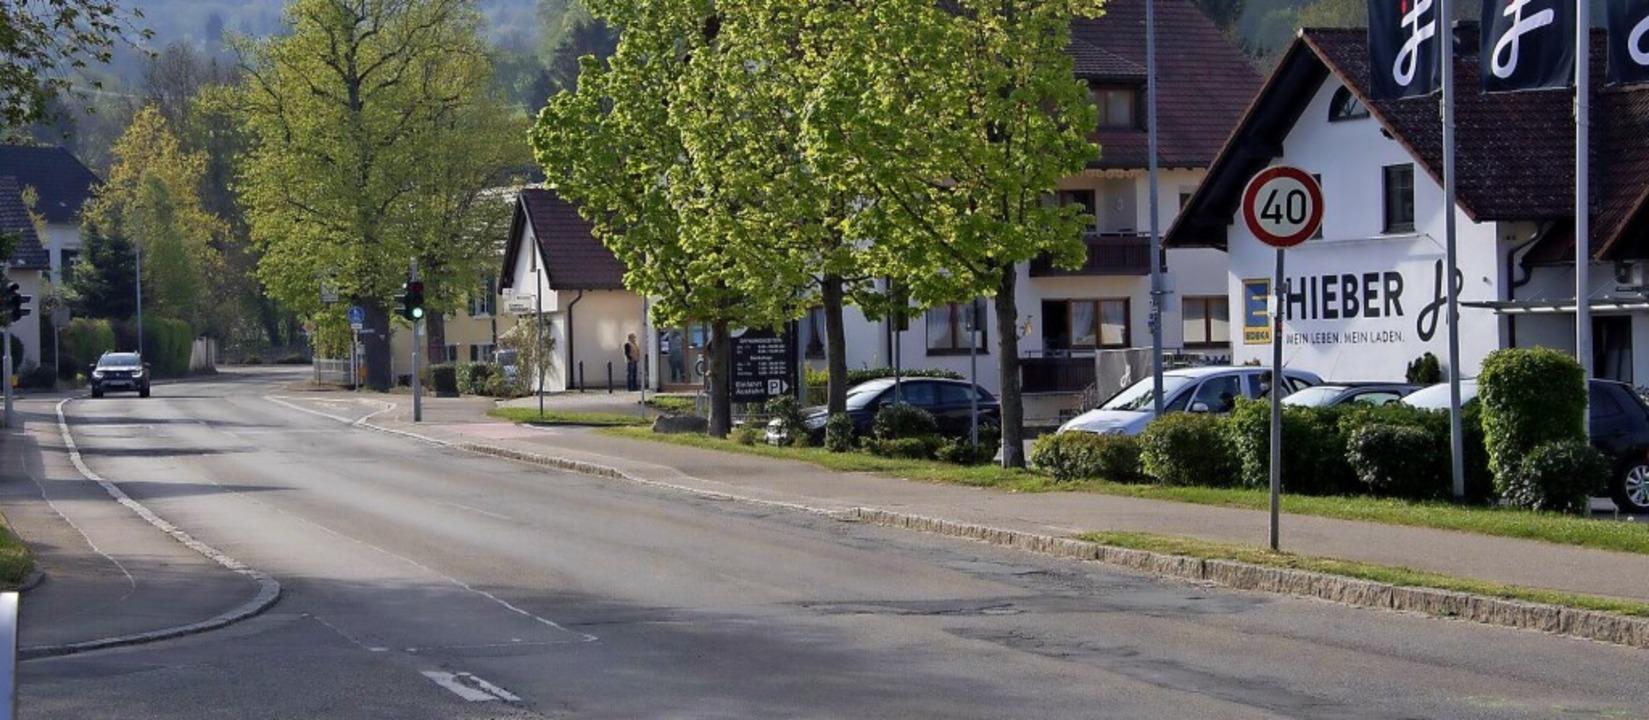 Entlang der Weilertalstraße besteht al...doch wohl nicht erfüllt werden können.  | Foto: Volker Münch